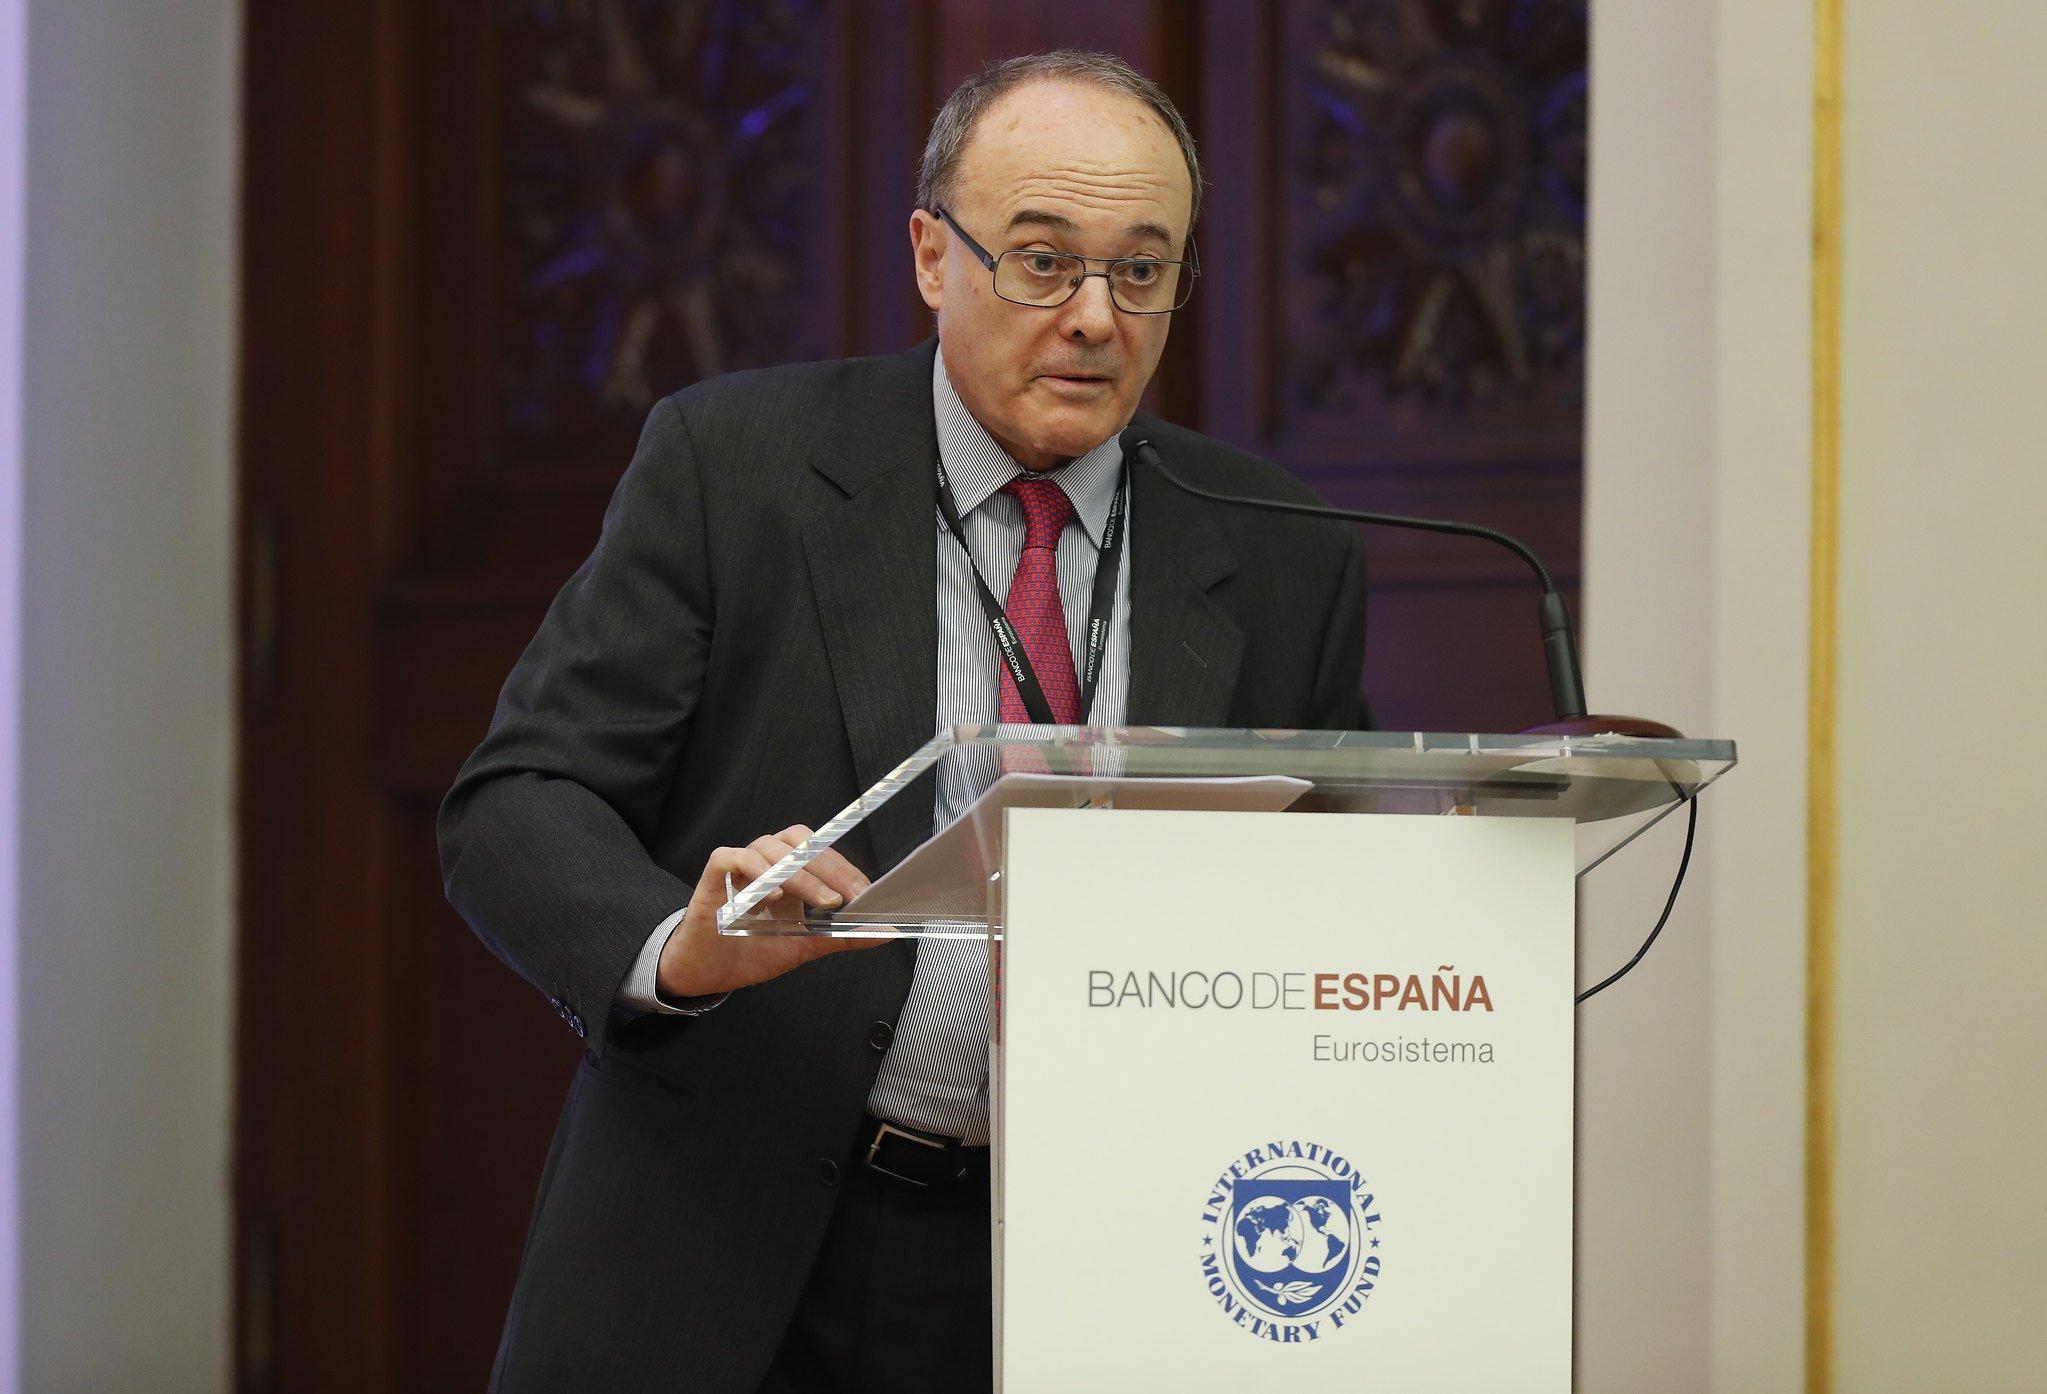 El exgobernador del Banco de España acusa: el Banco Popular nunca debió ser intervenido.